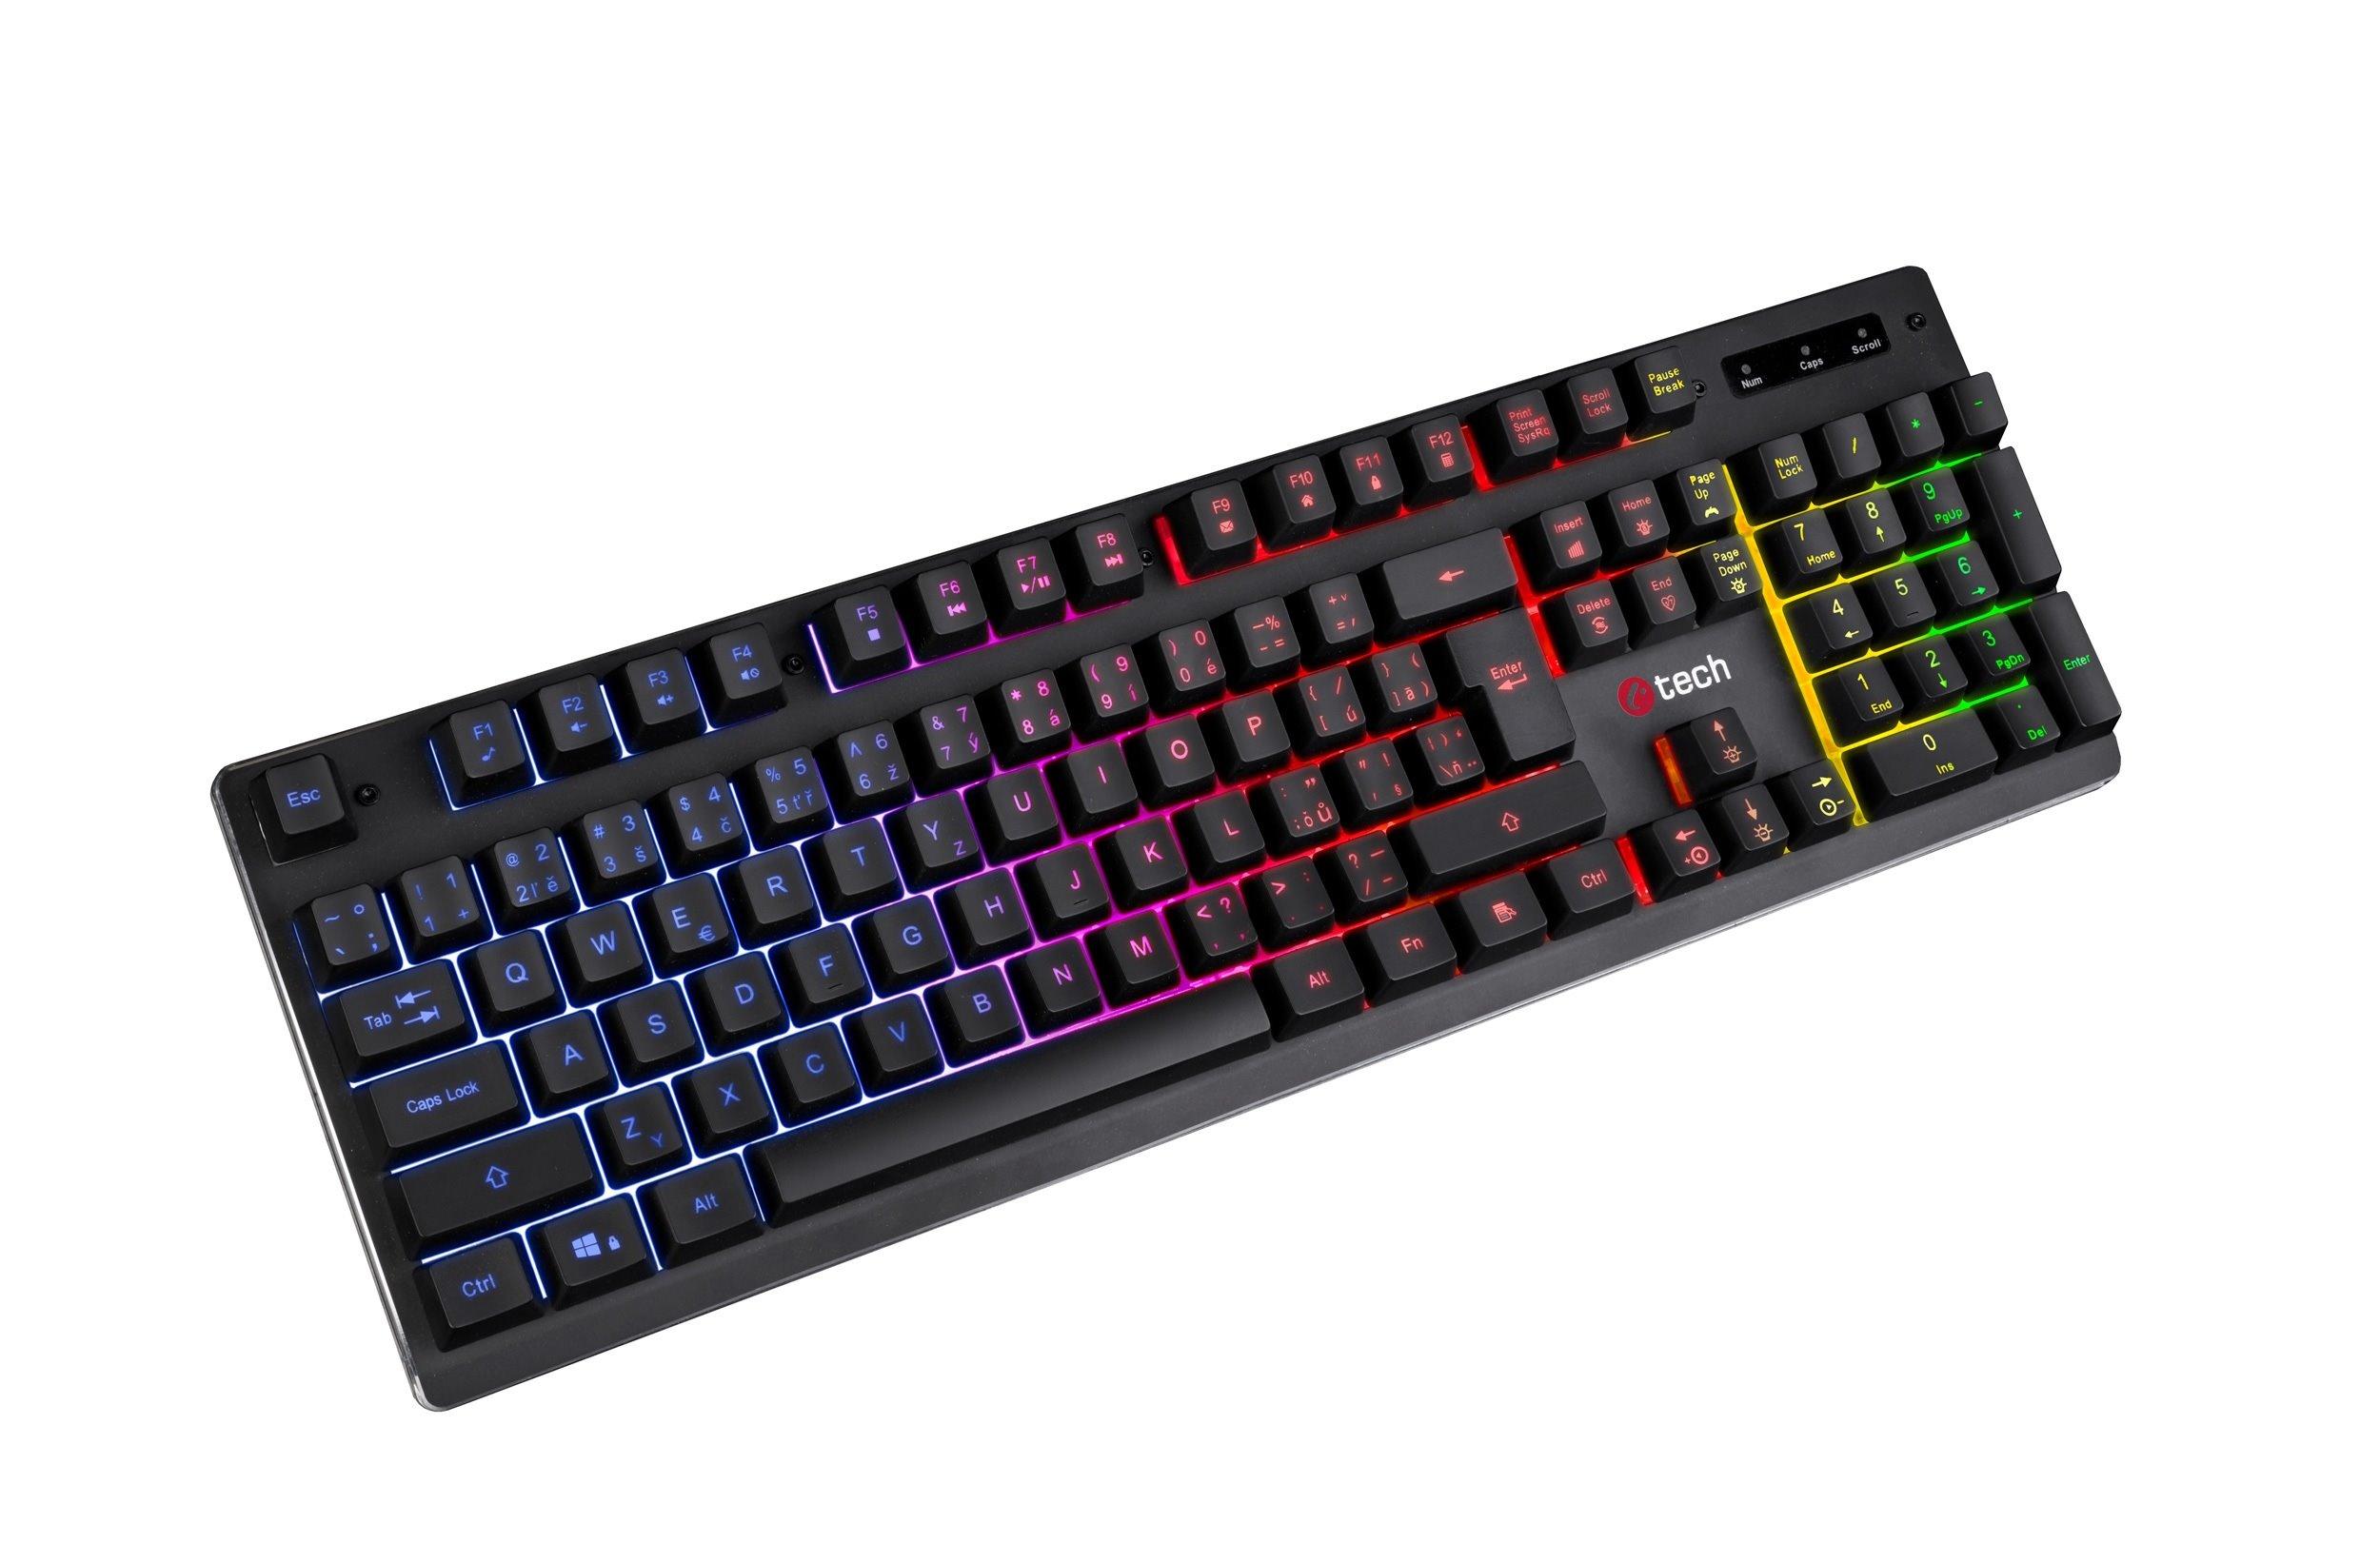 Polomechanická herní klávesnice C-TECH Iris (GKB-08), casual gaming, CZ/SK, duhové podsvícení, USB - GKB-08